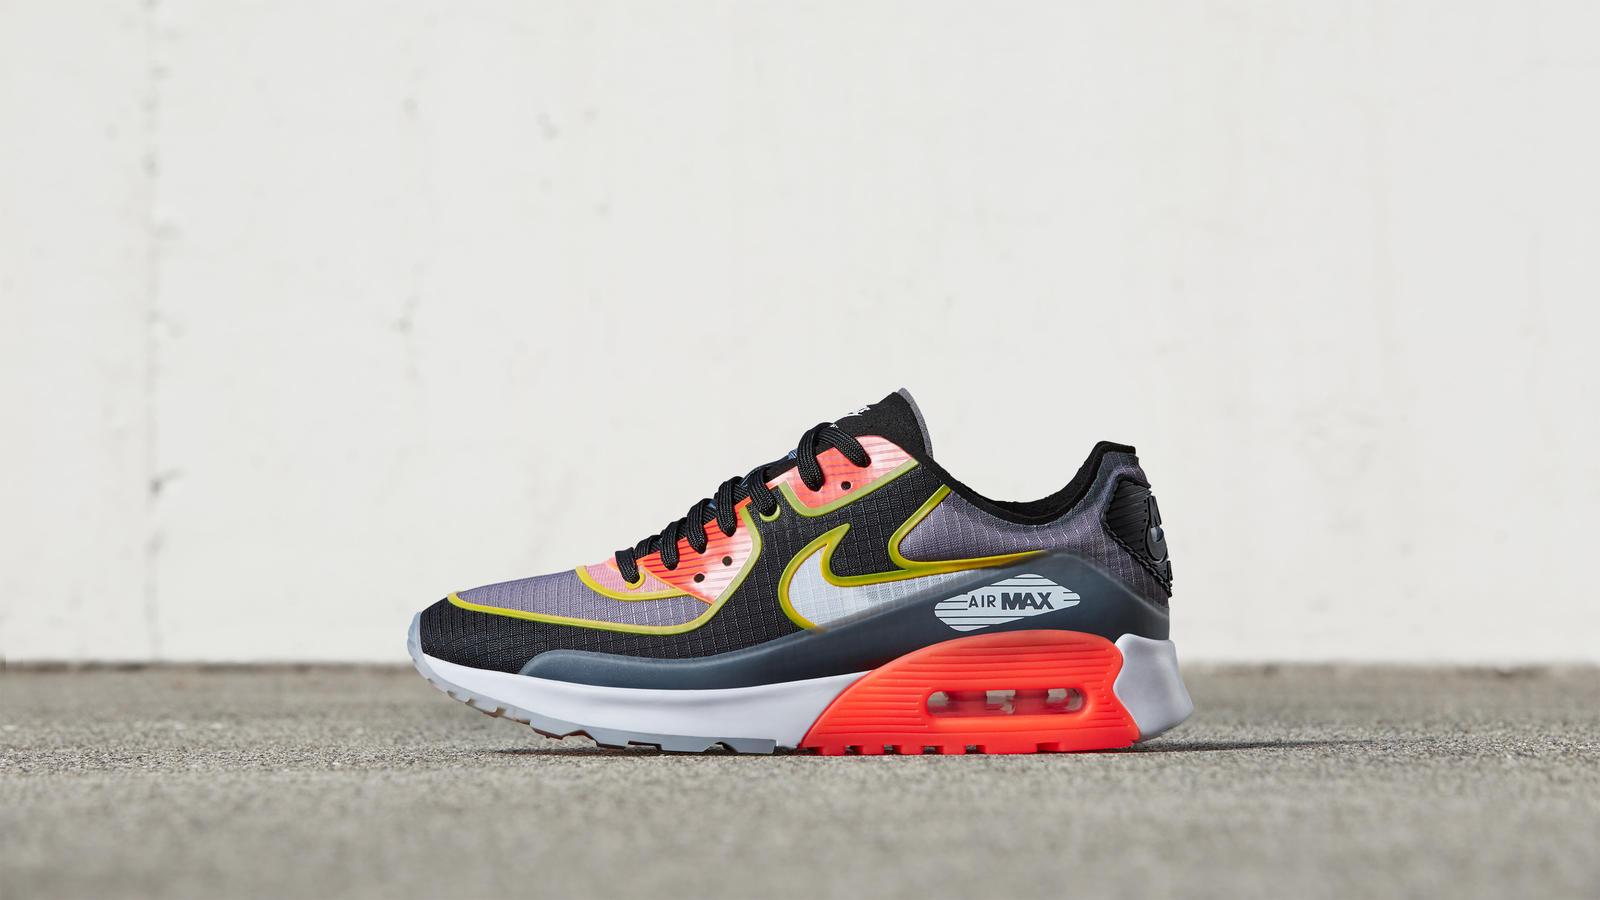 161205 footwear airmax 0066 hd 1600